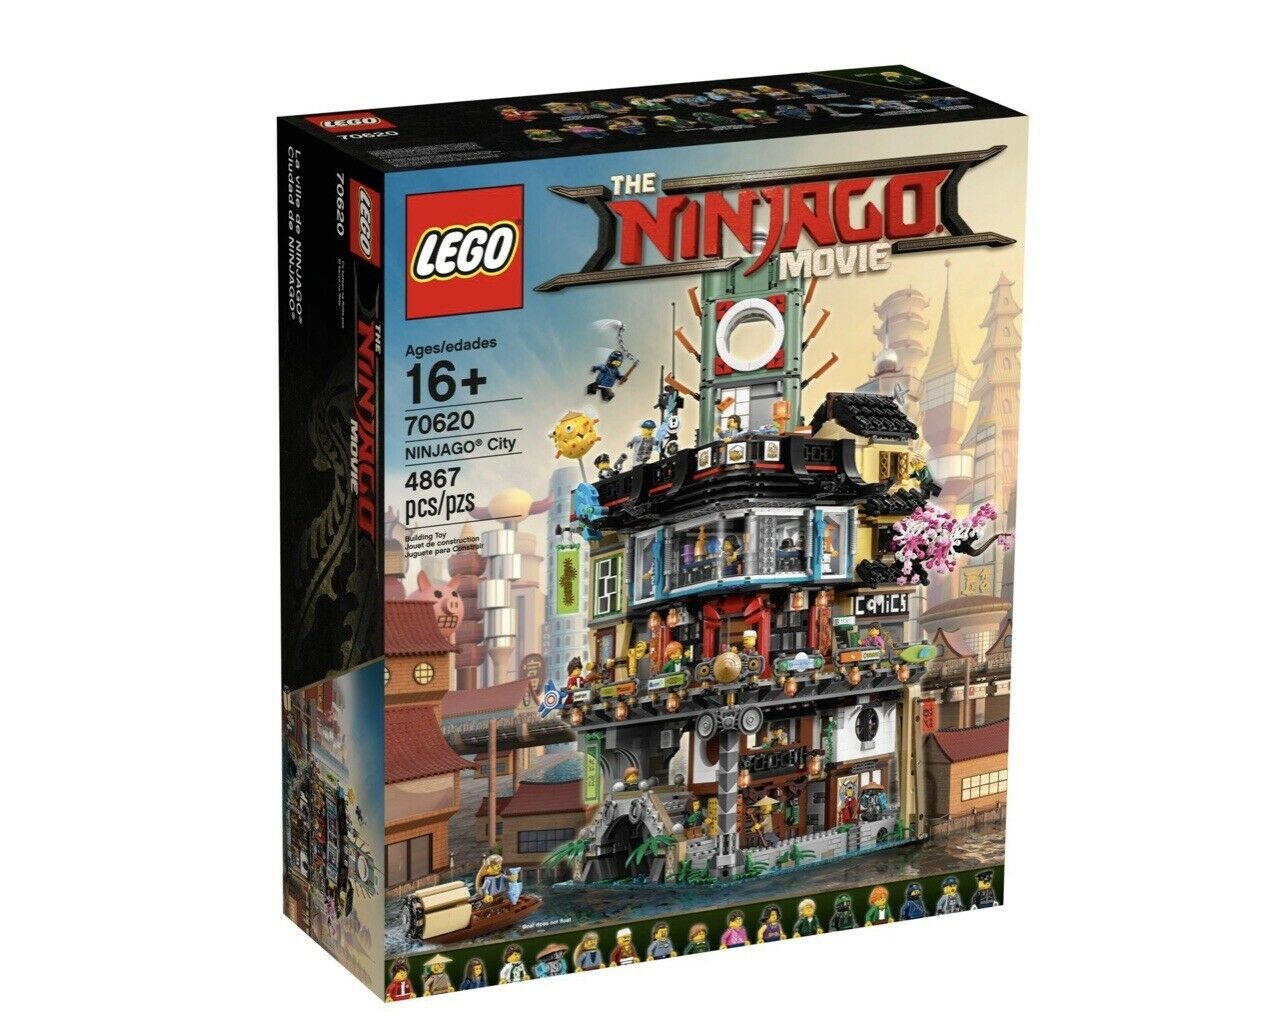 LEGO 70620 NINJAGO CITY NEW